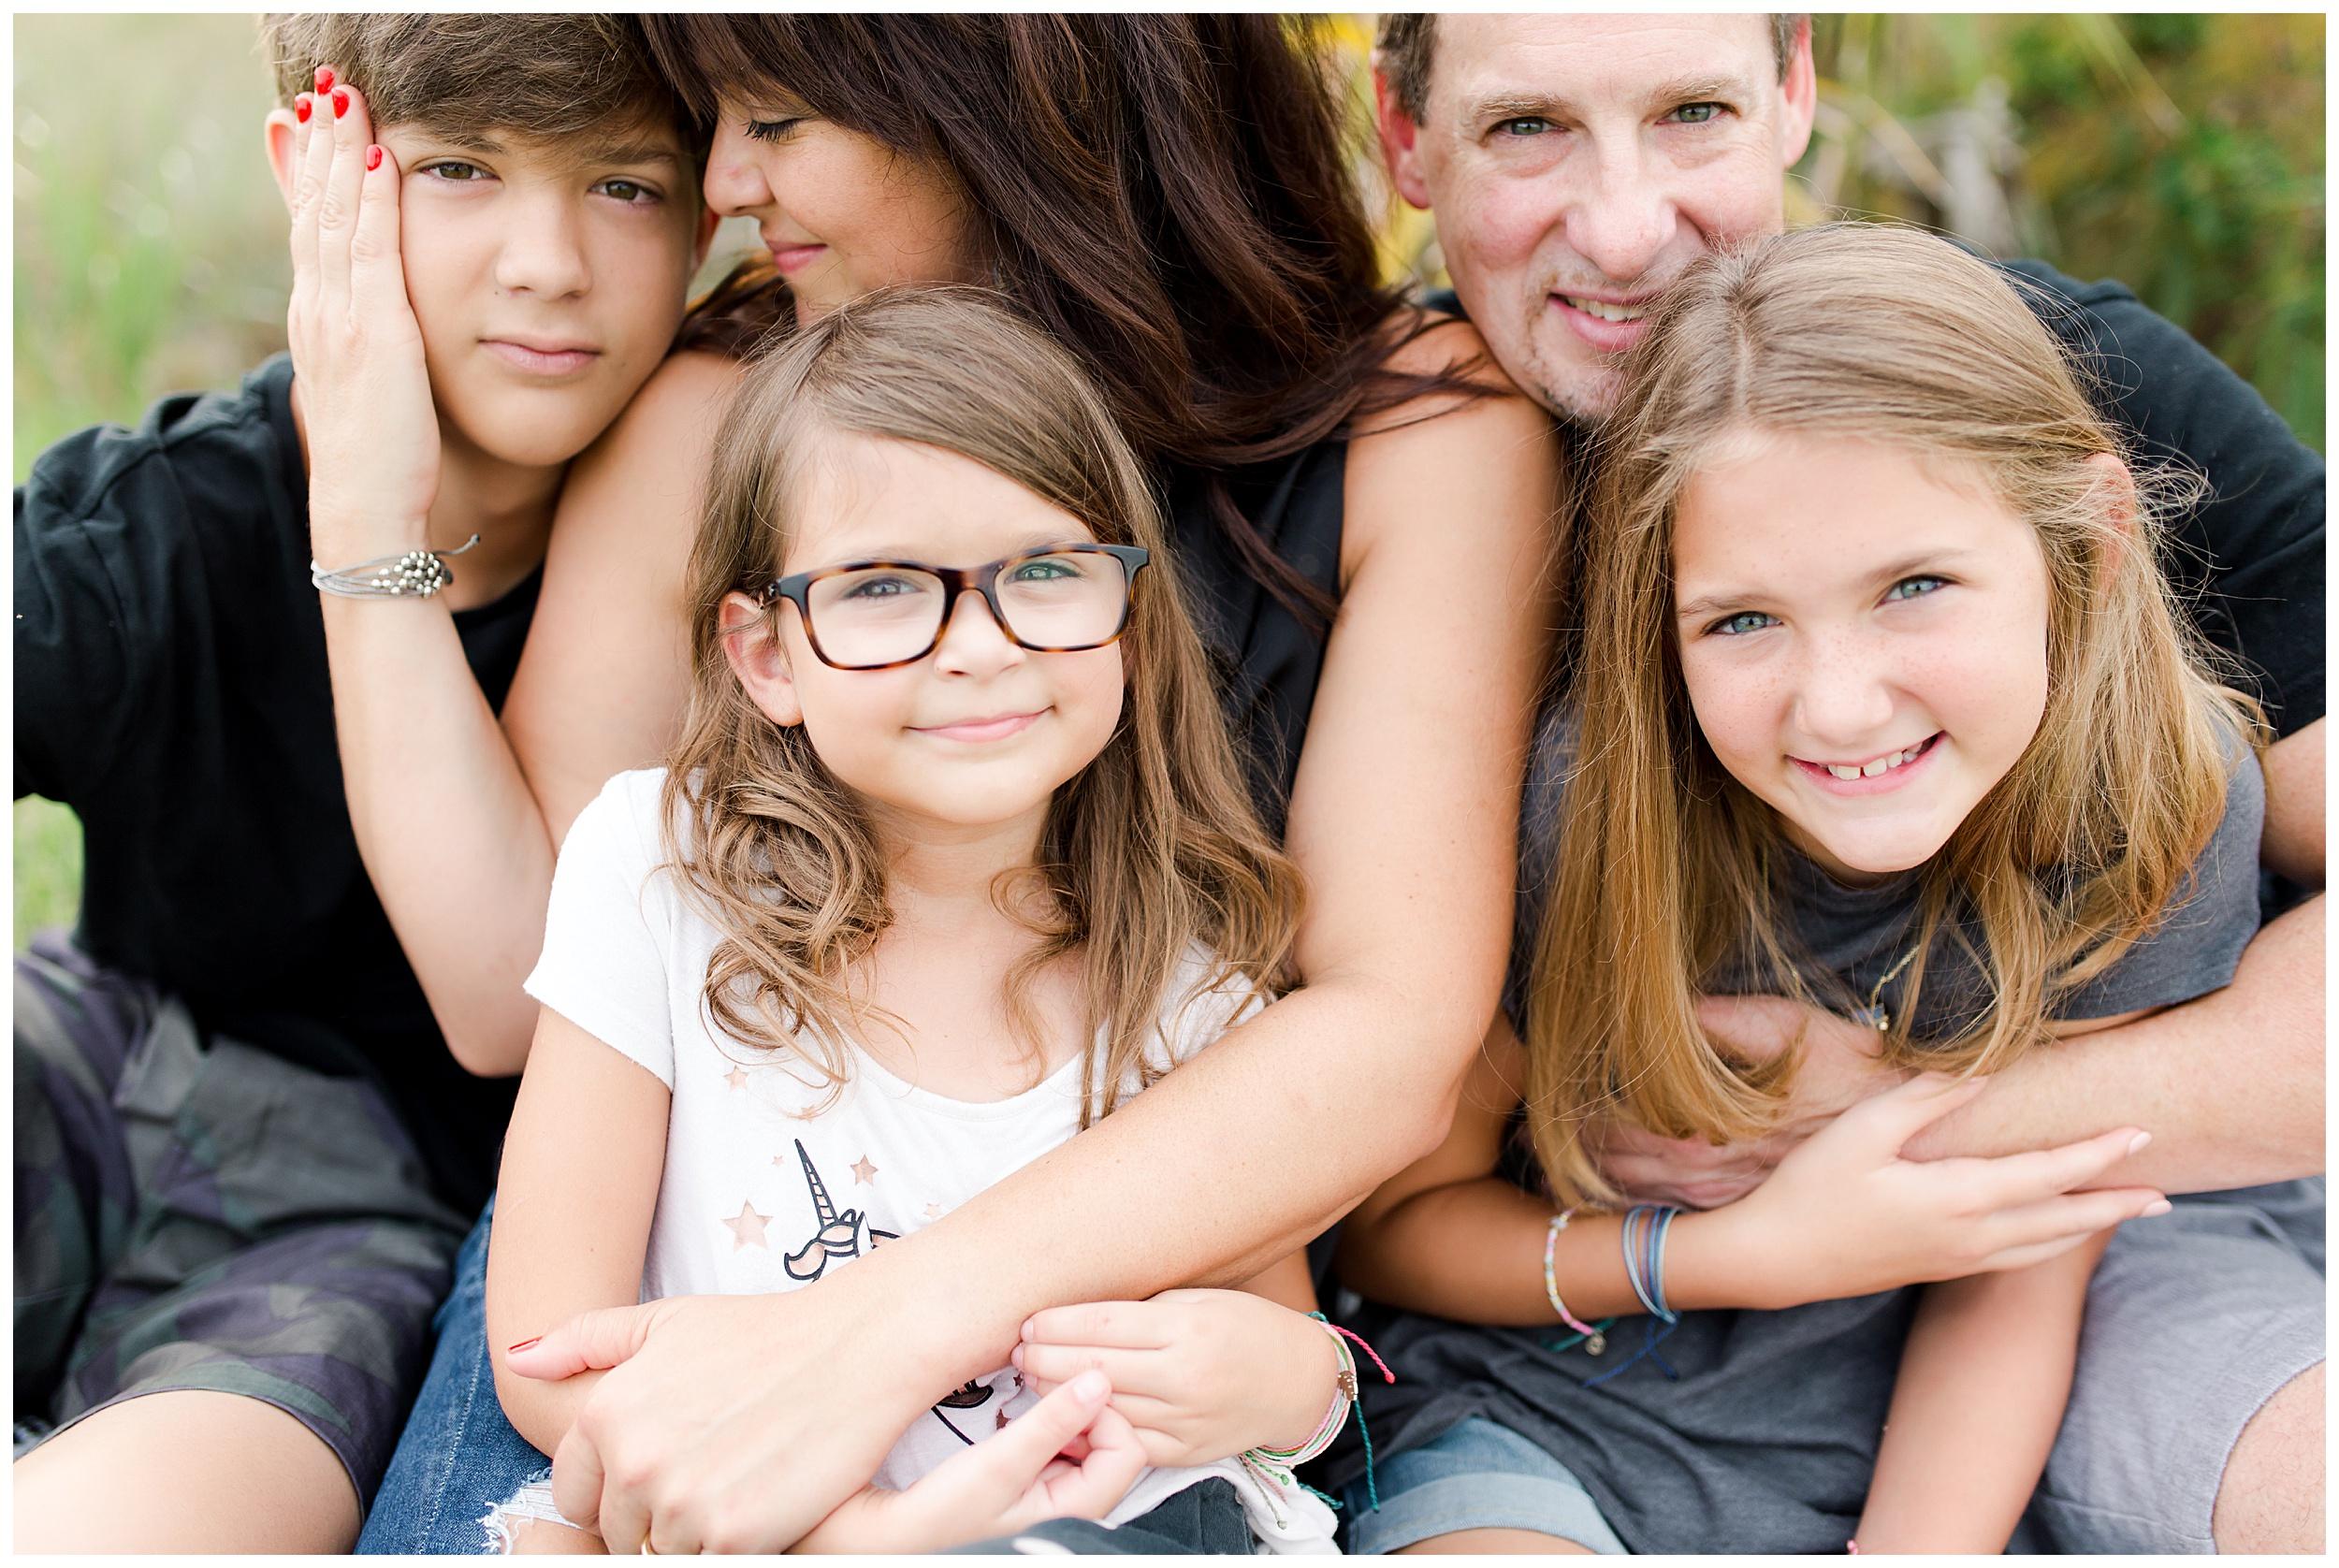 lexington-ky-family-lifestyle-photographer-priscilla-baierlein_1727.jpg